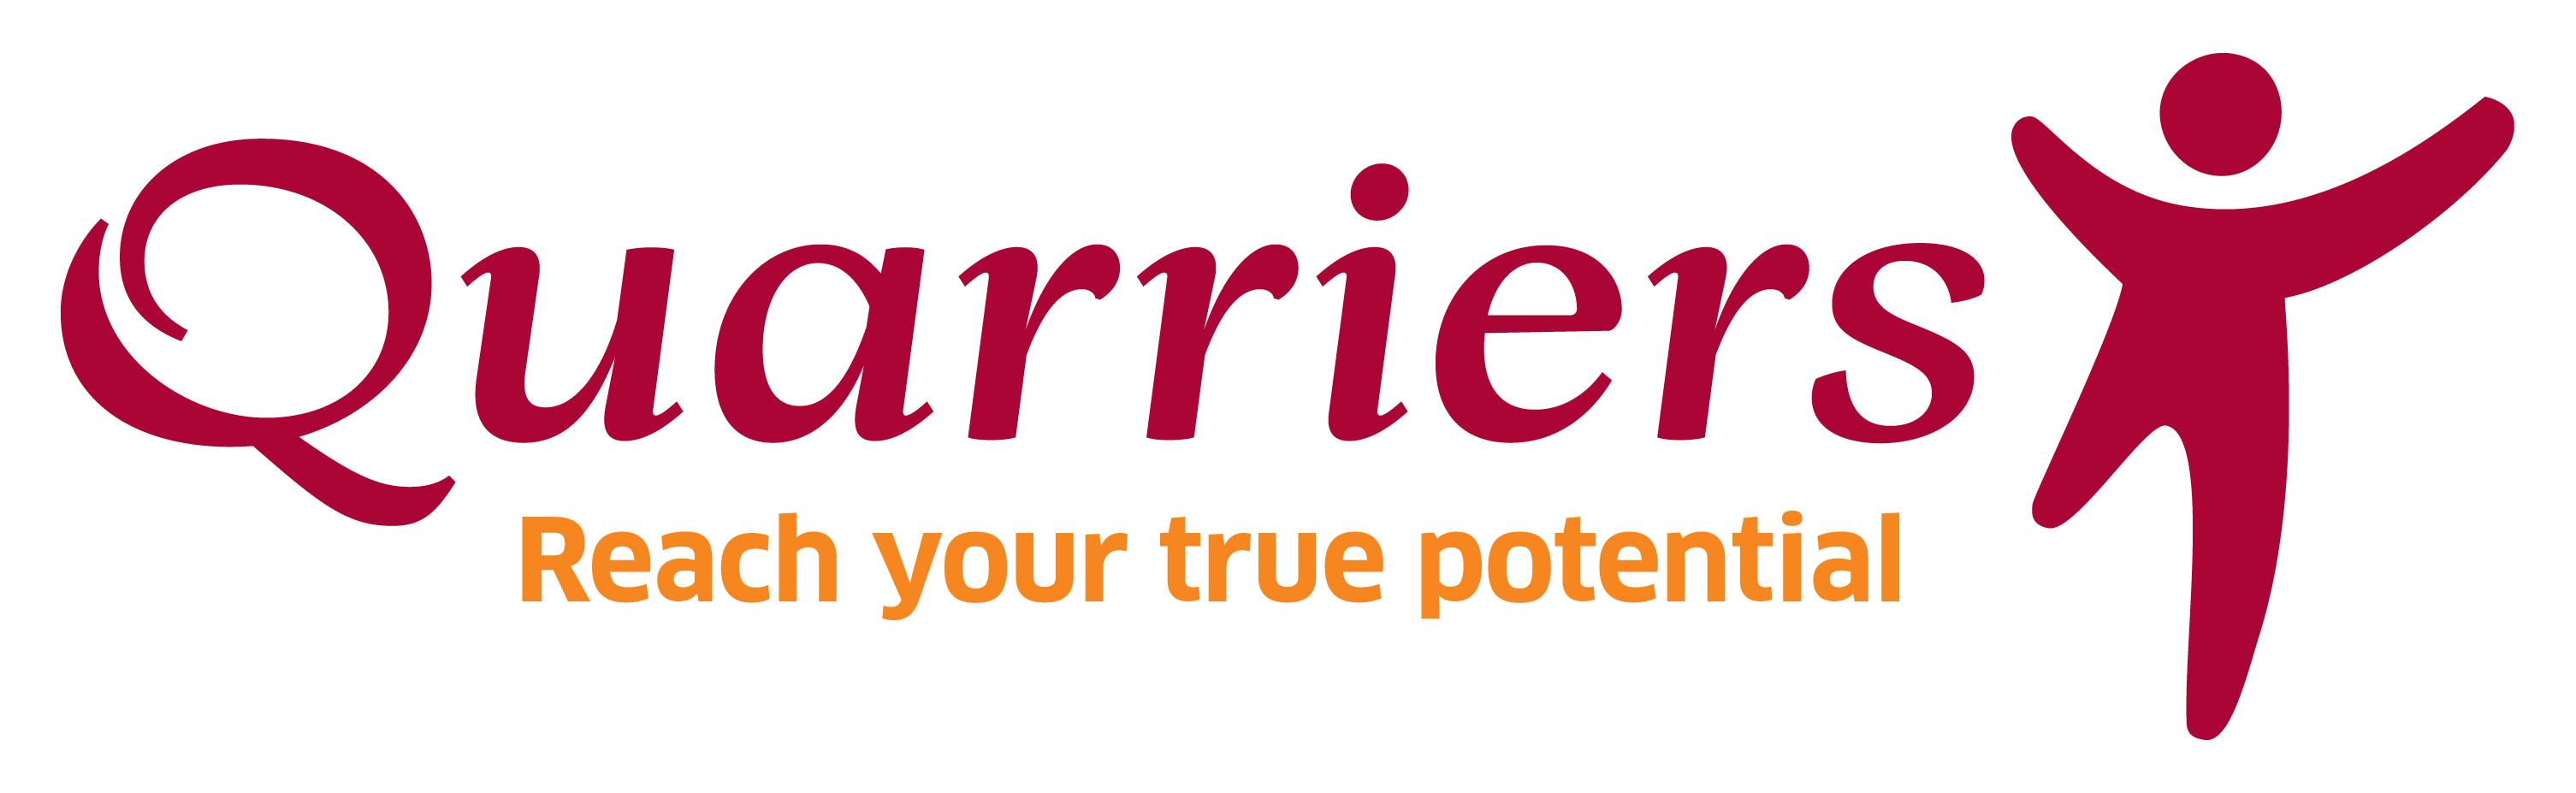 Member News: Quarriers Recruiting Volunteer Mentors